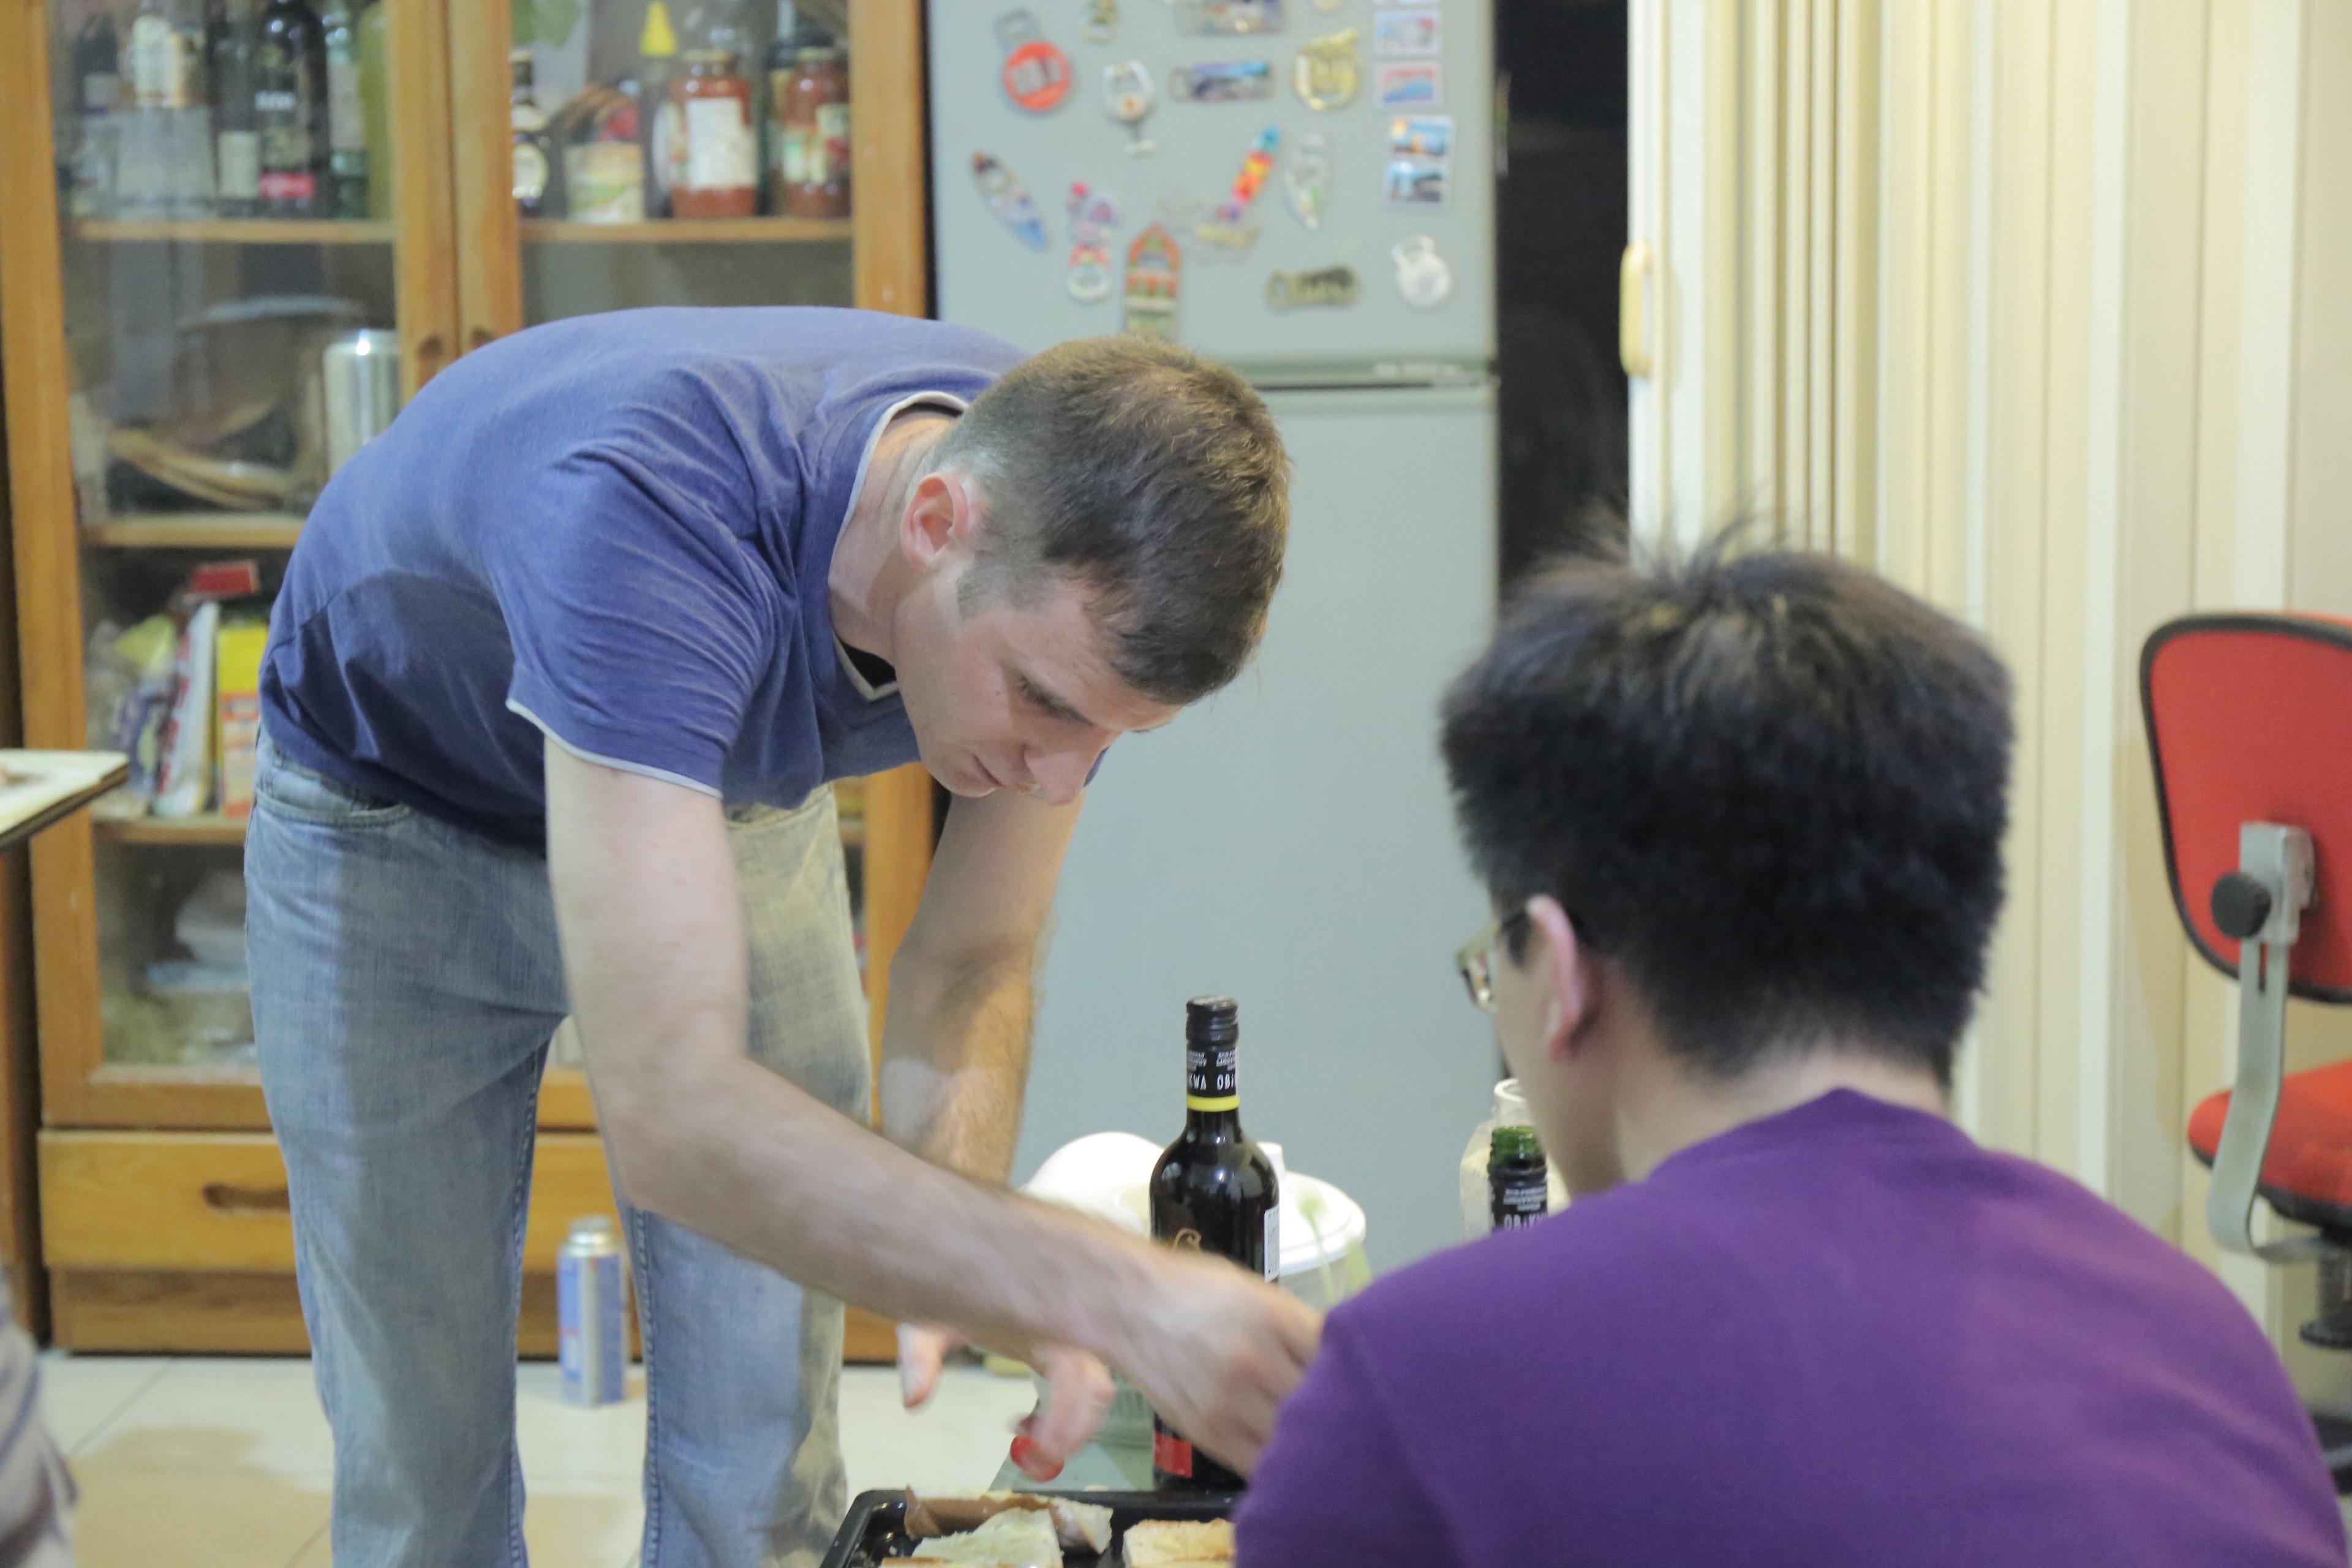 Pasta 意大利面 Night – 英文老師旅遊 English Teacher Tours